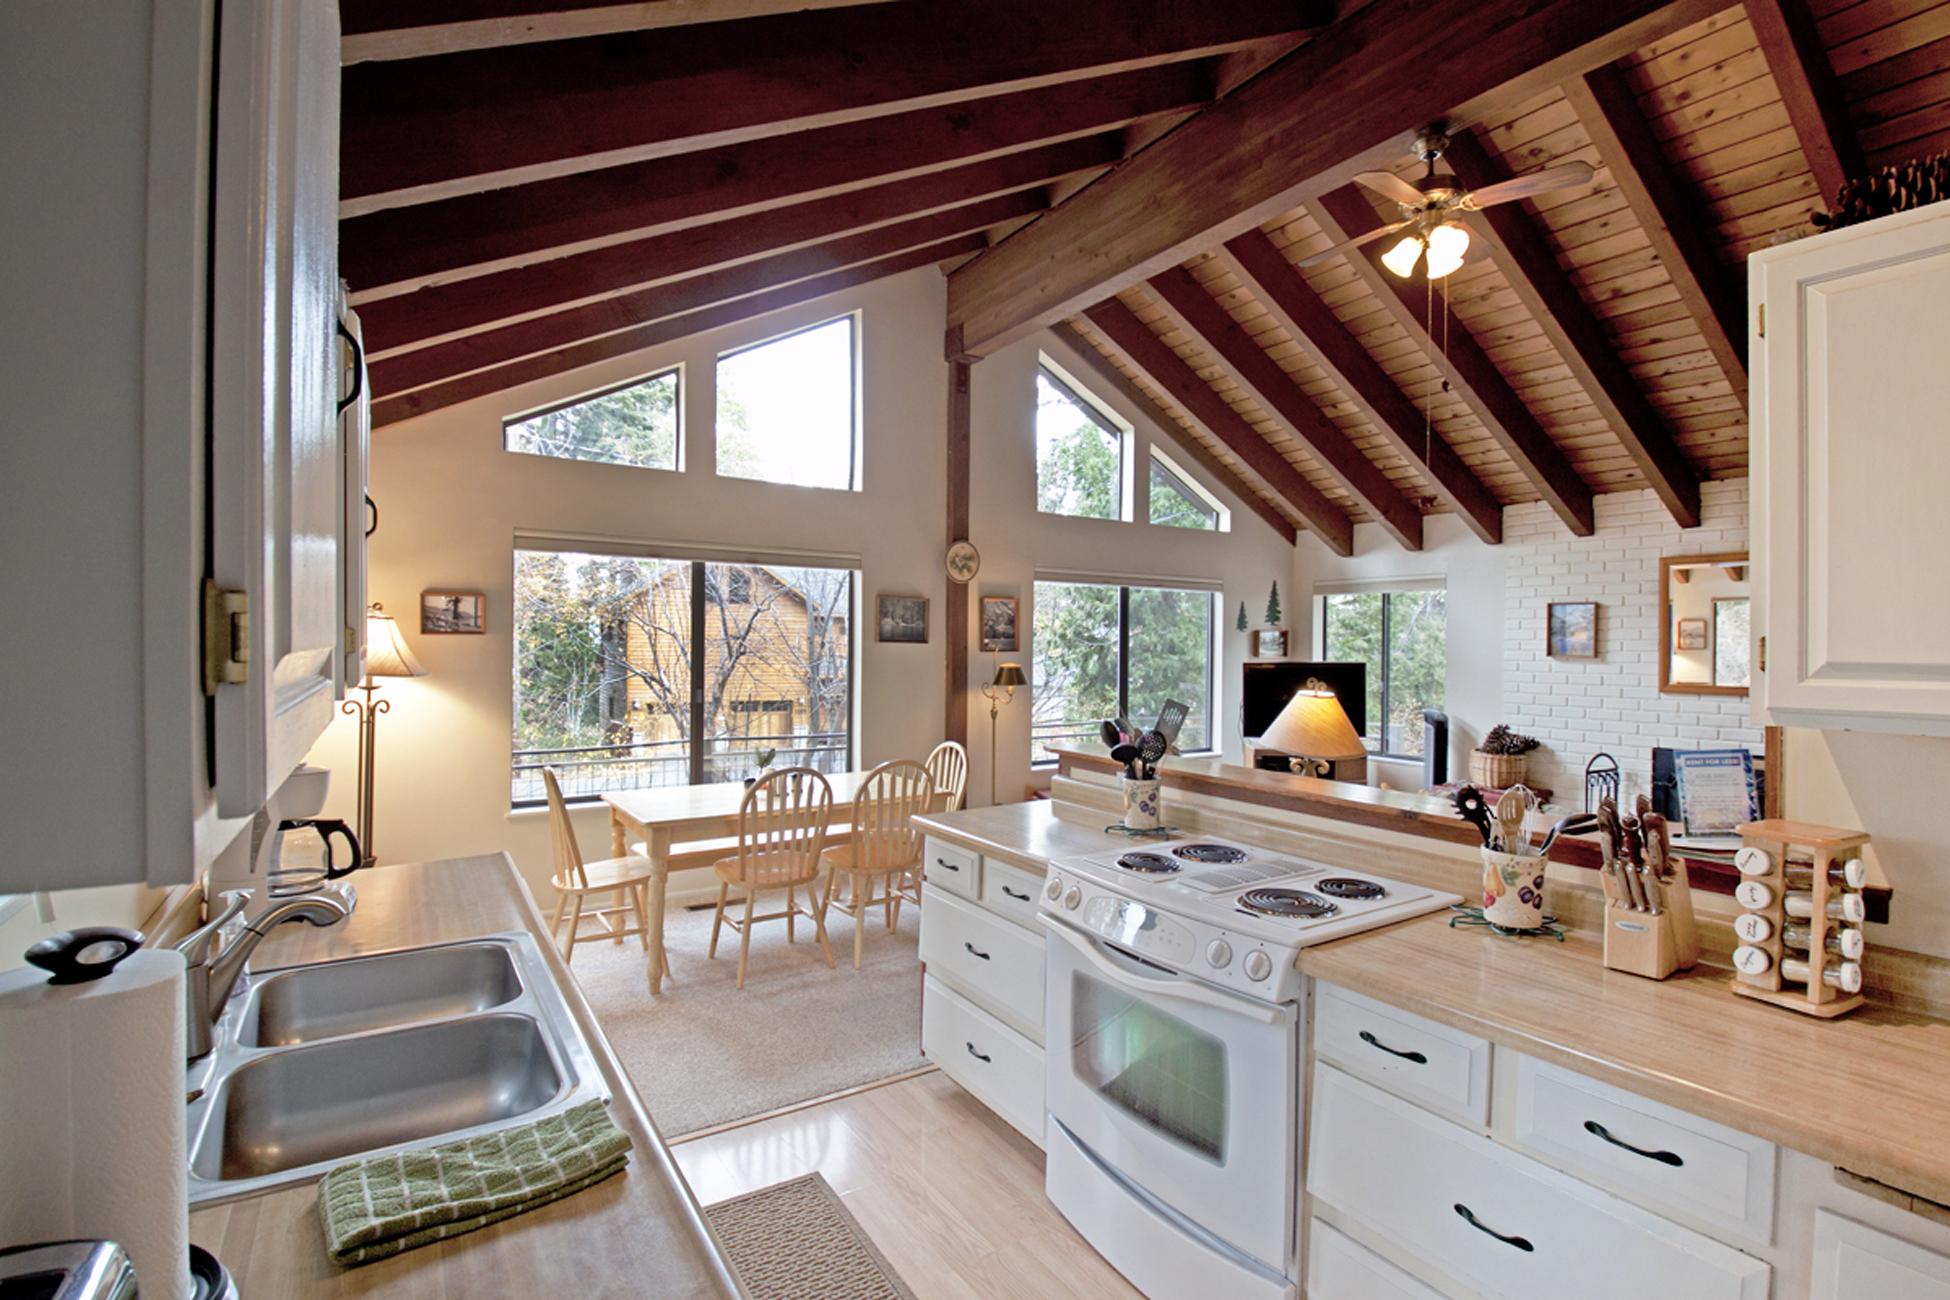 Listing Image 2 for Corbett Cabin